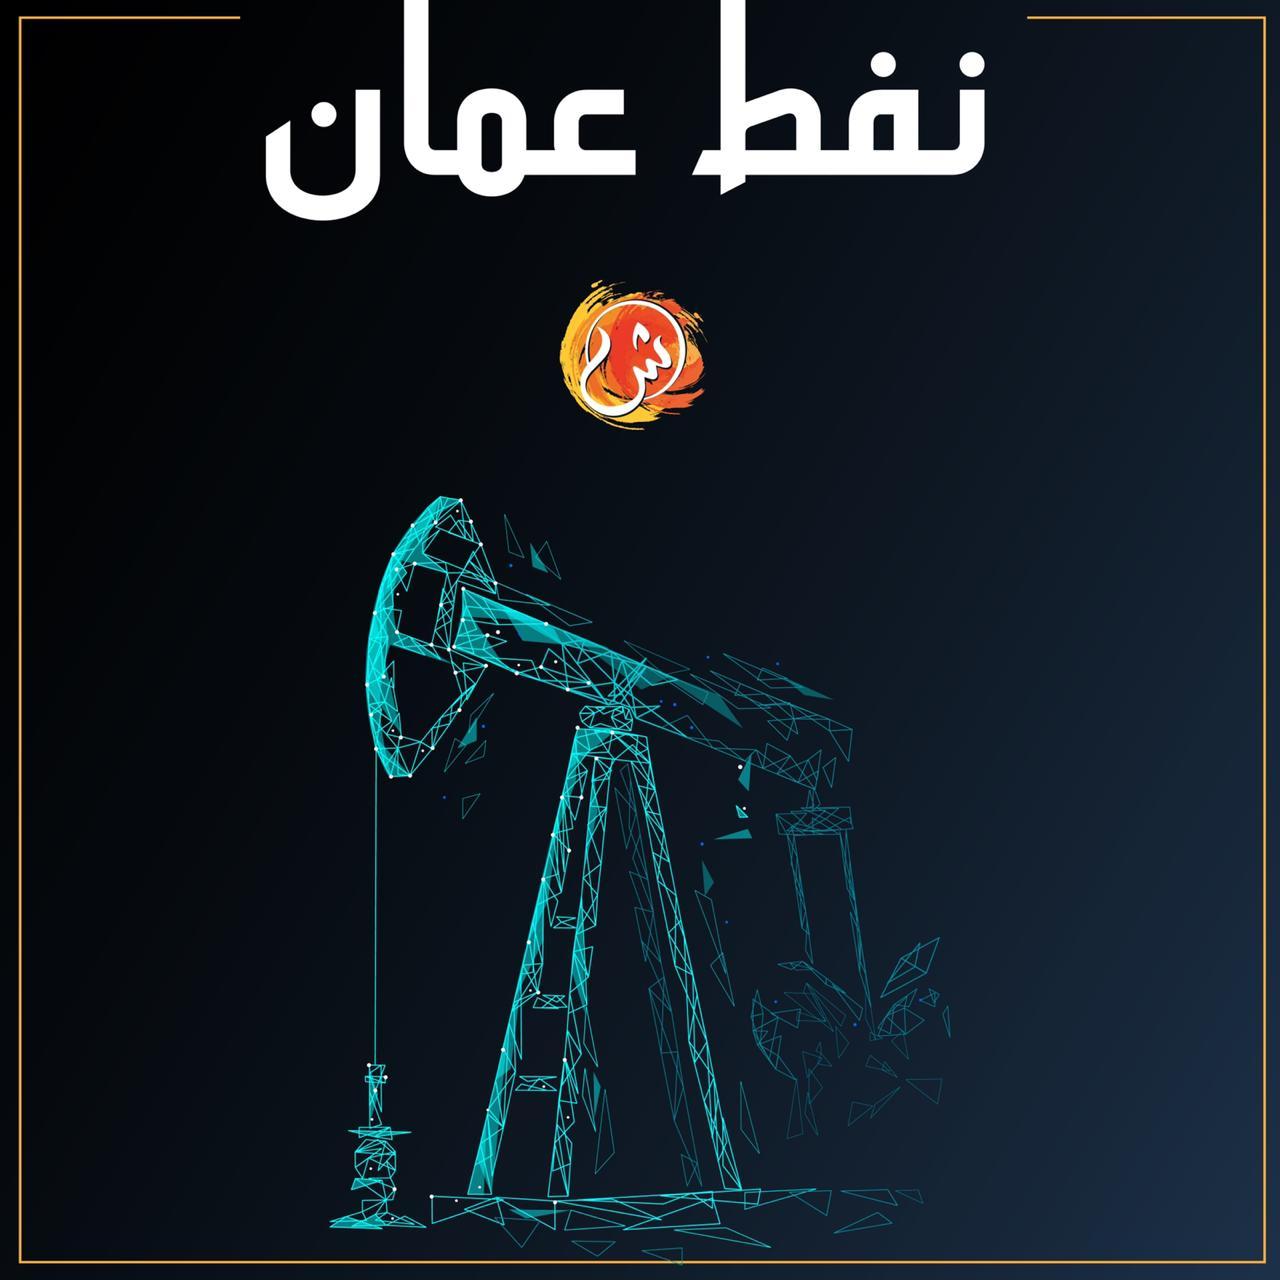 44 دولار سعر نفط عمان اليوم